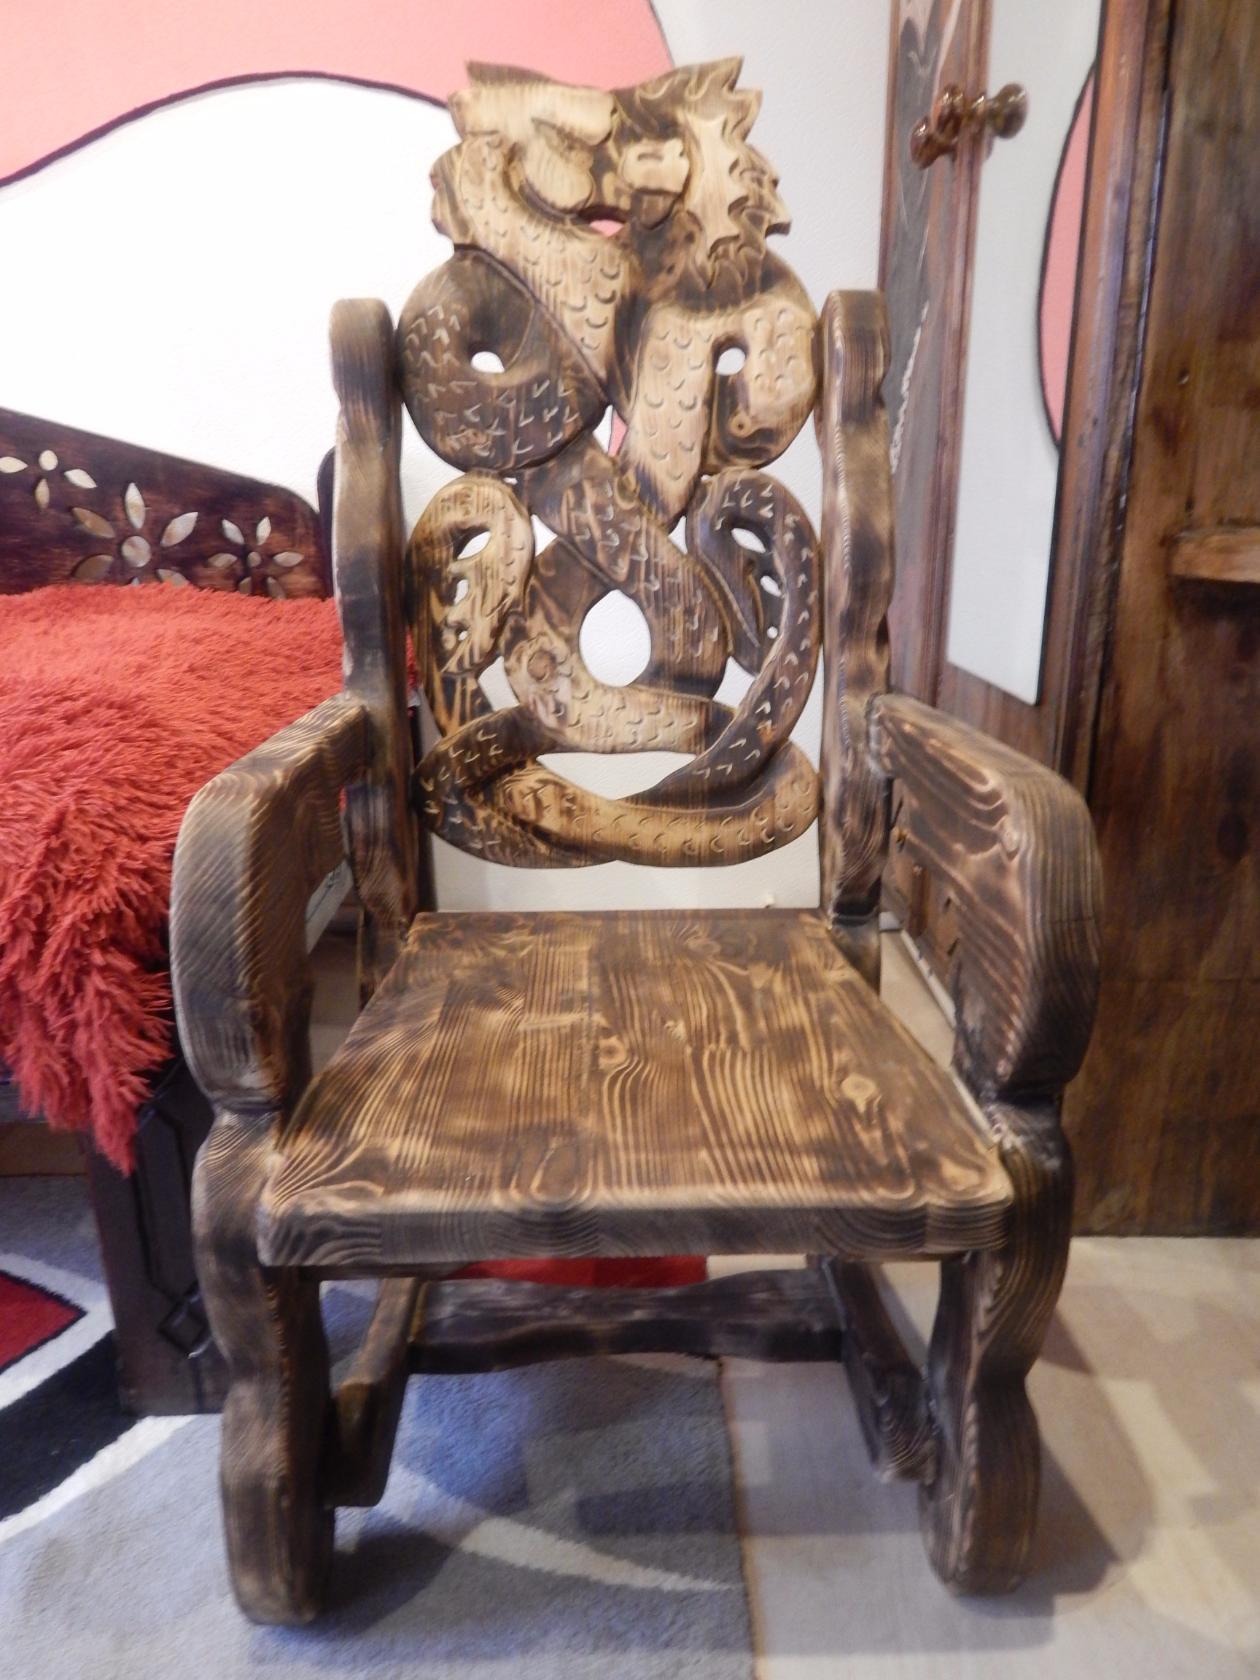 исполнилось два необычные стул трон из дерева фото предлагаемых